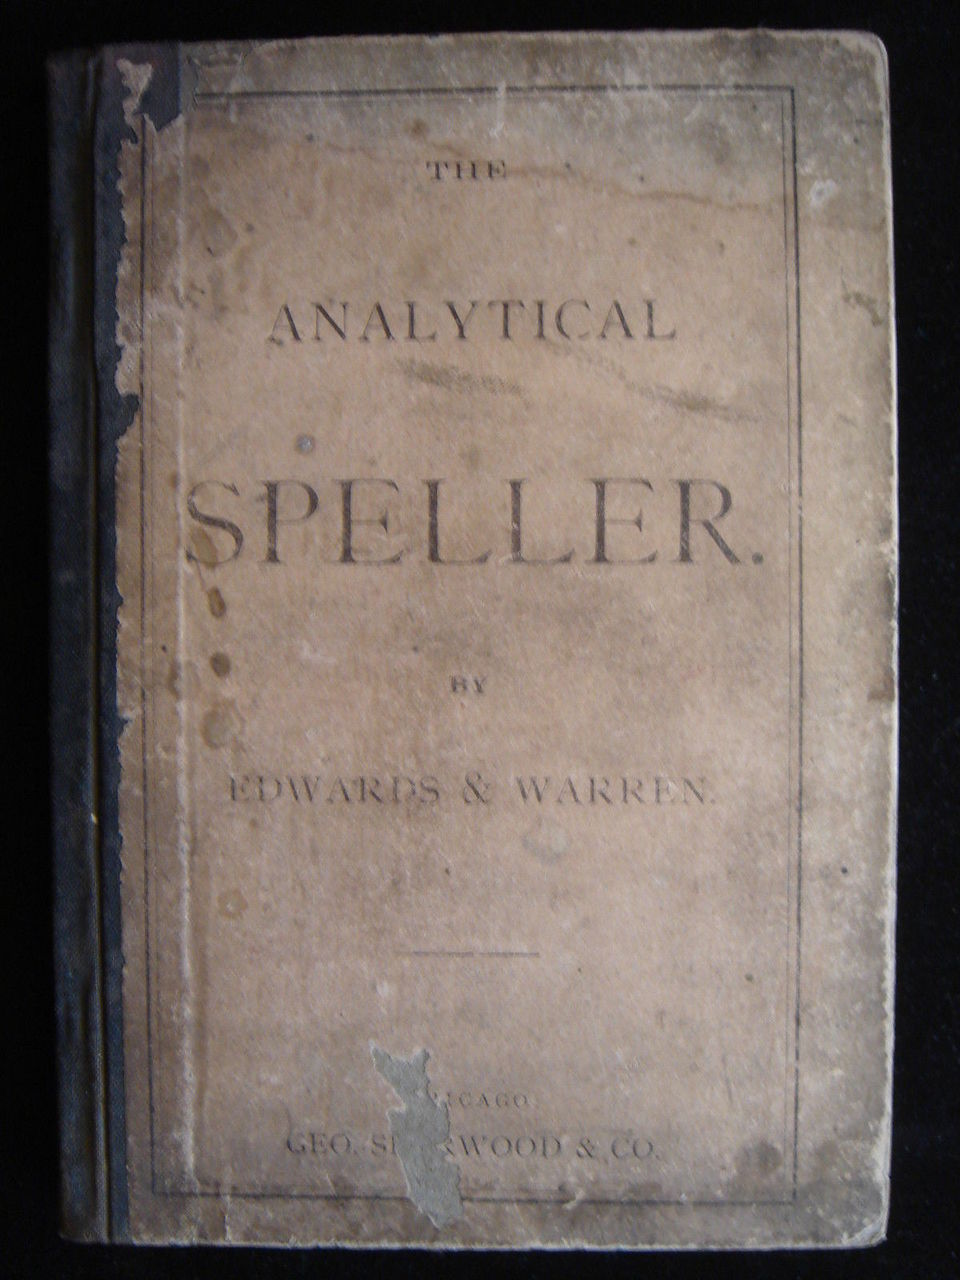 ANALYTICAL SPELLER, by Edwards & Warren - 1871